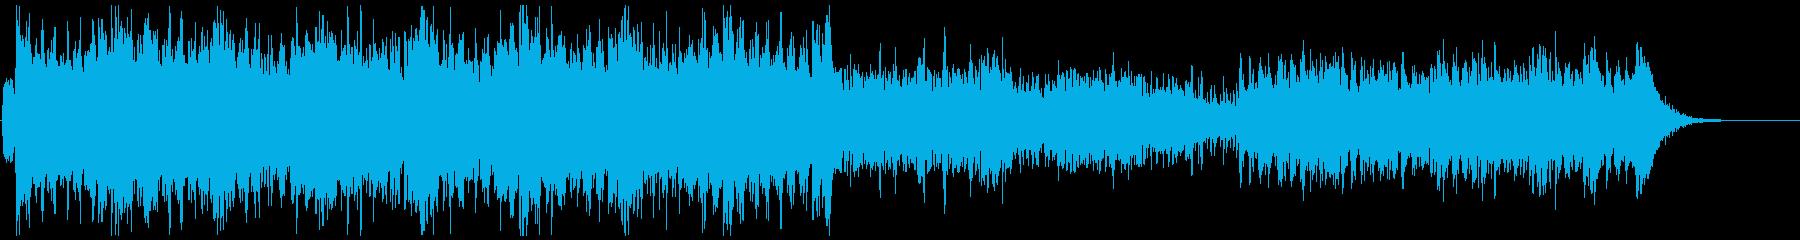 アニメ戦闘シーン<60秒CM>車、躍動感の再生済みの波形